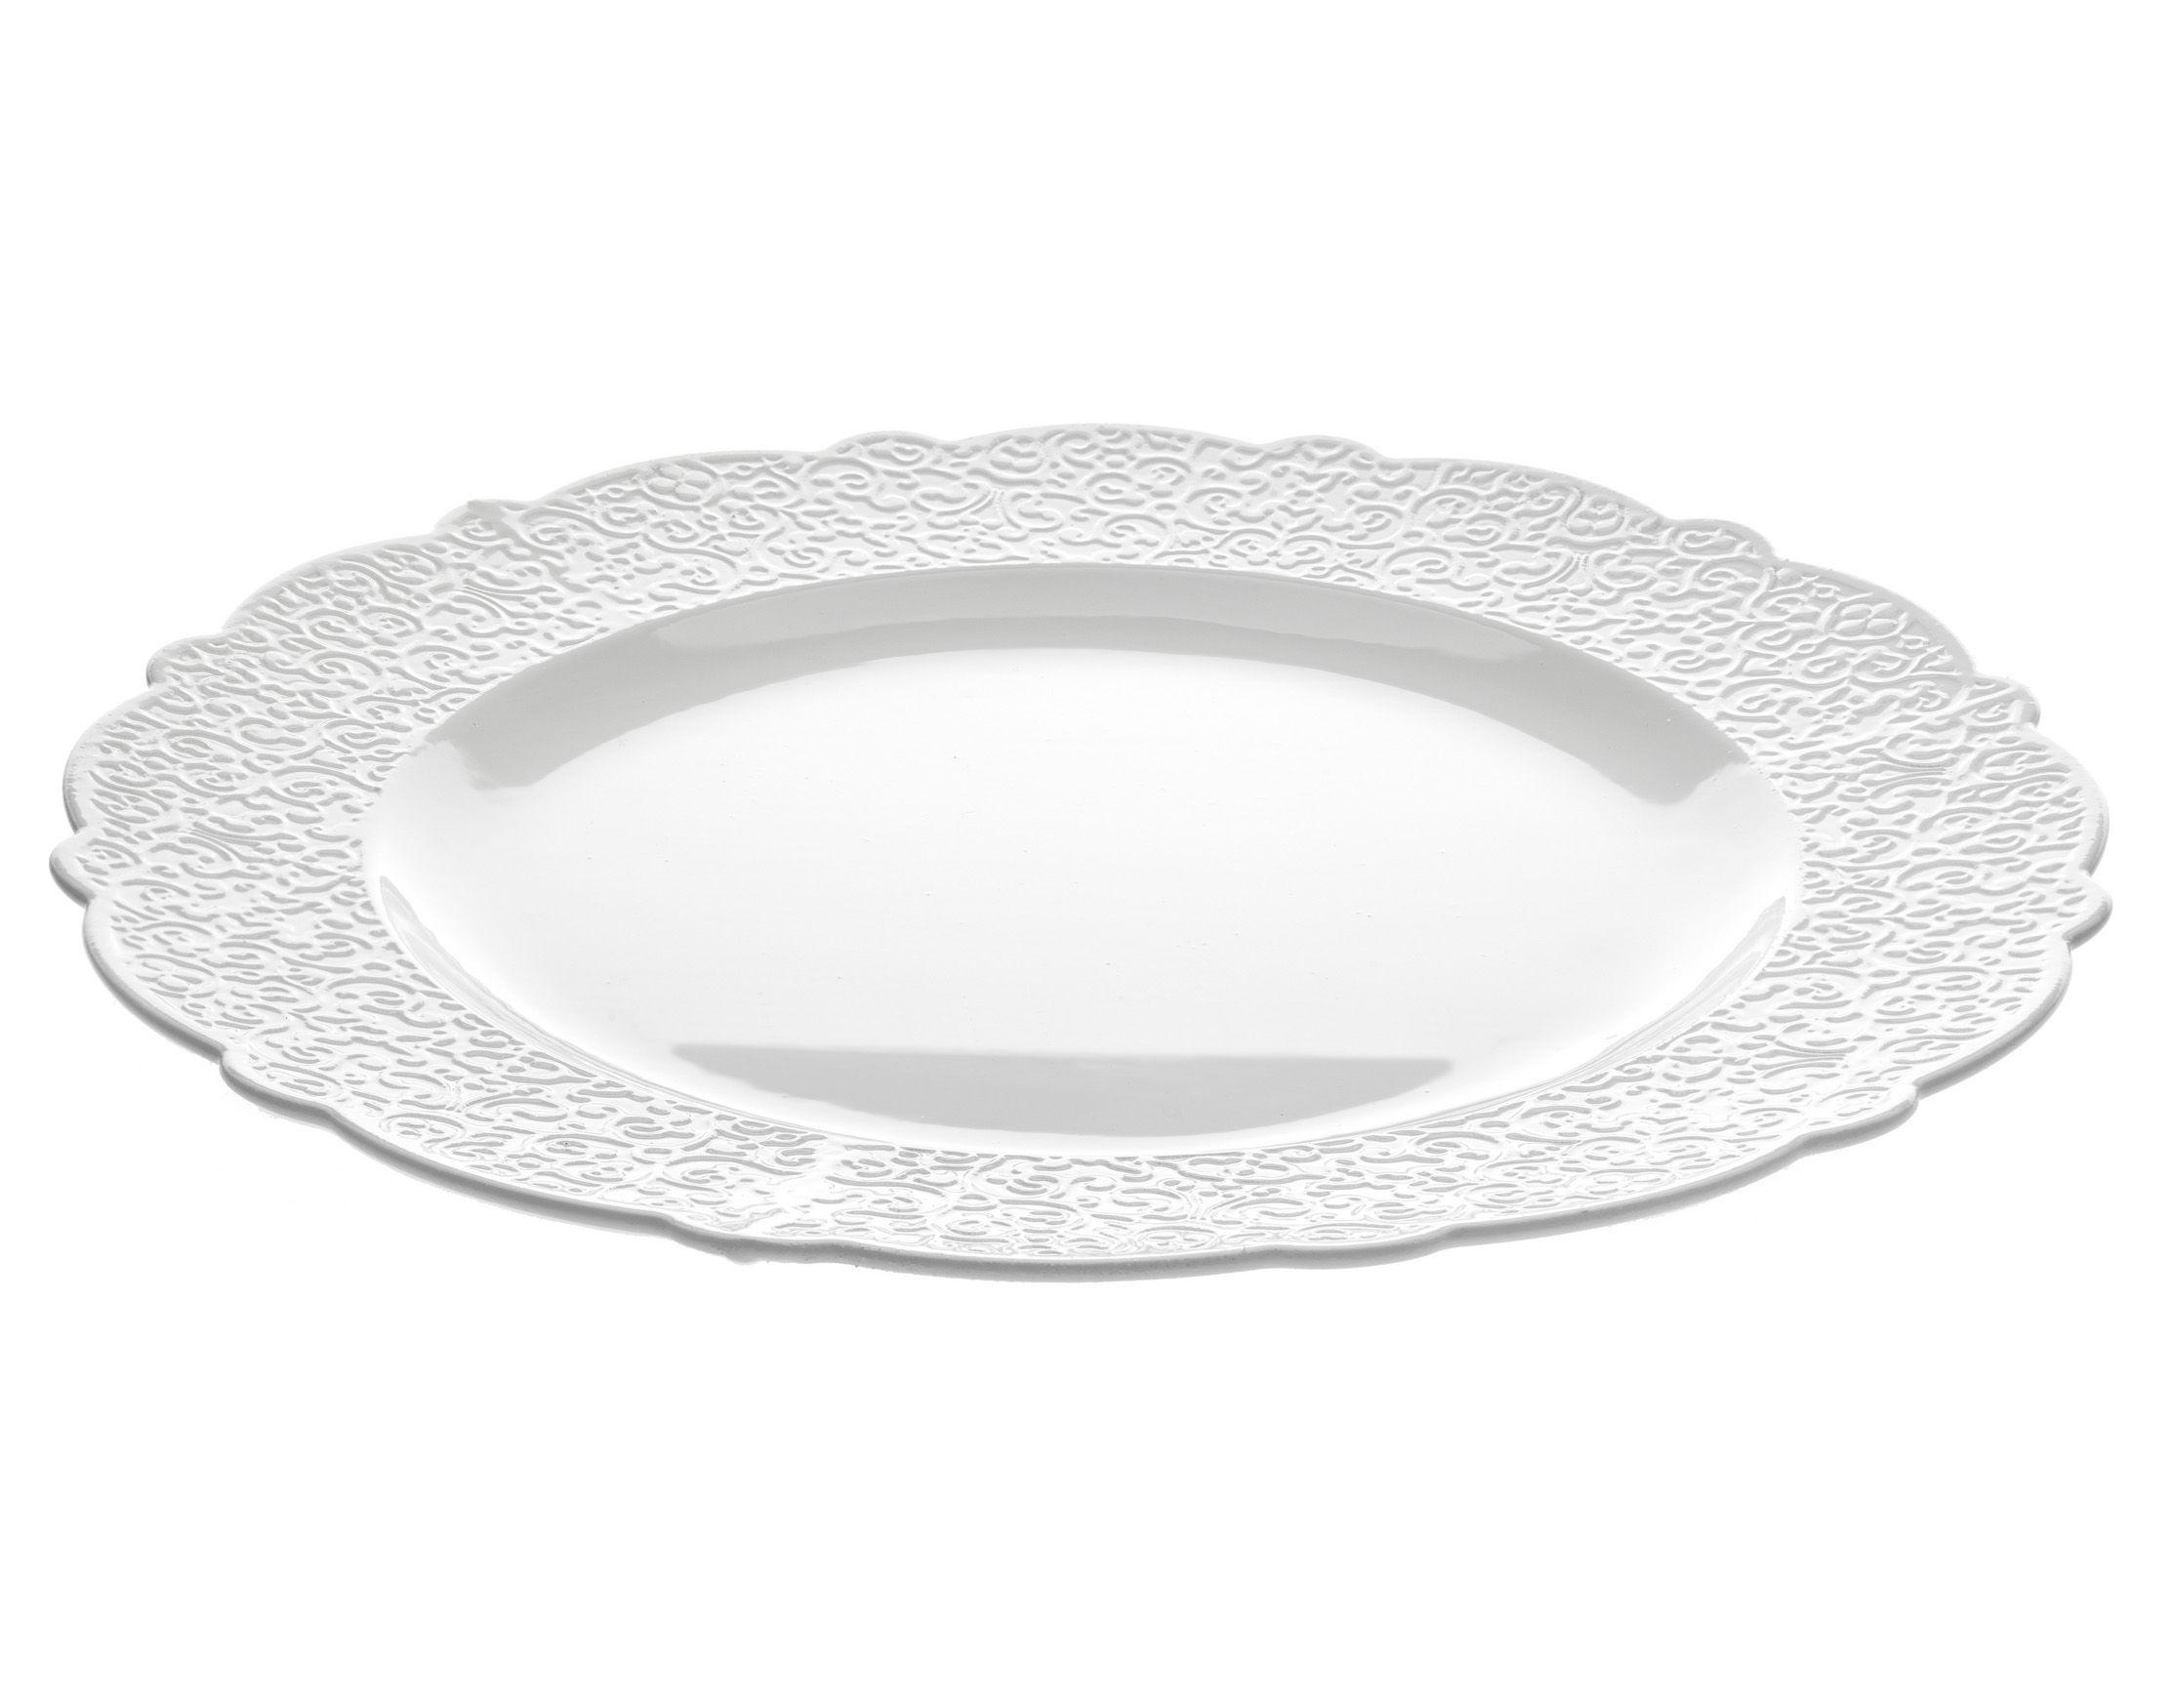 Arts de la table - Assiettes - Plat de présentation Dressed Ø 33 - Alessi - Plat de service Ø 33 - Blanc - Porcelaine